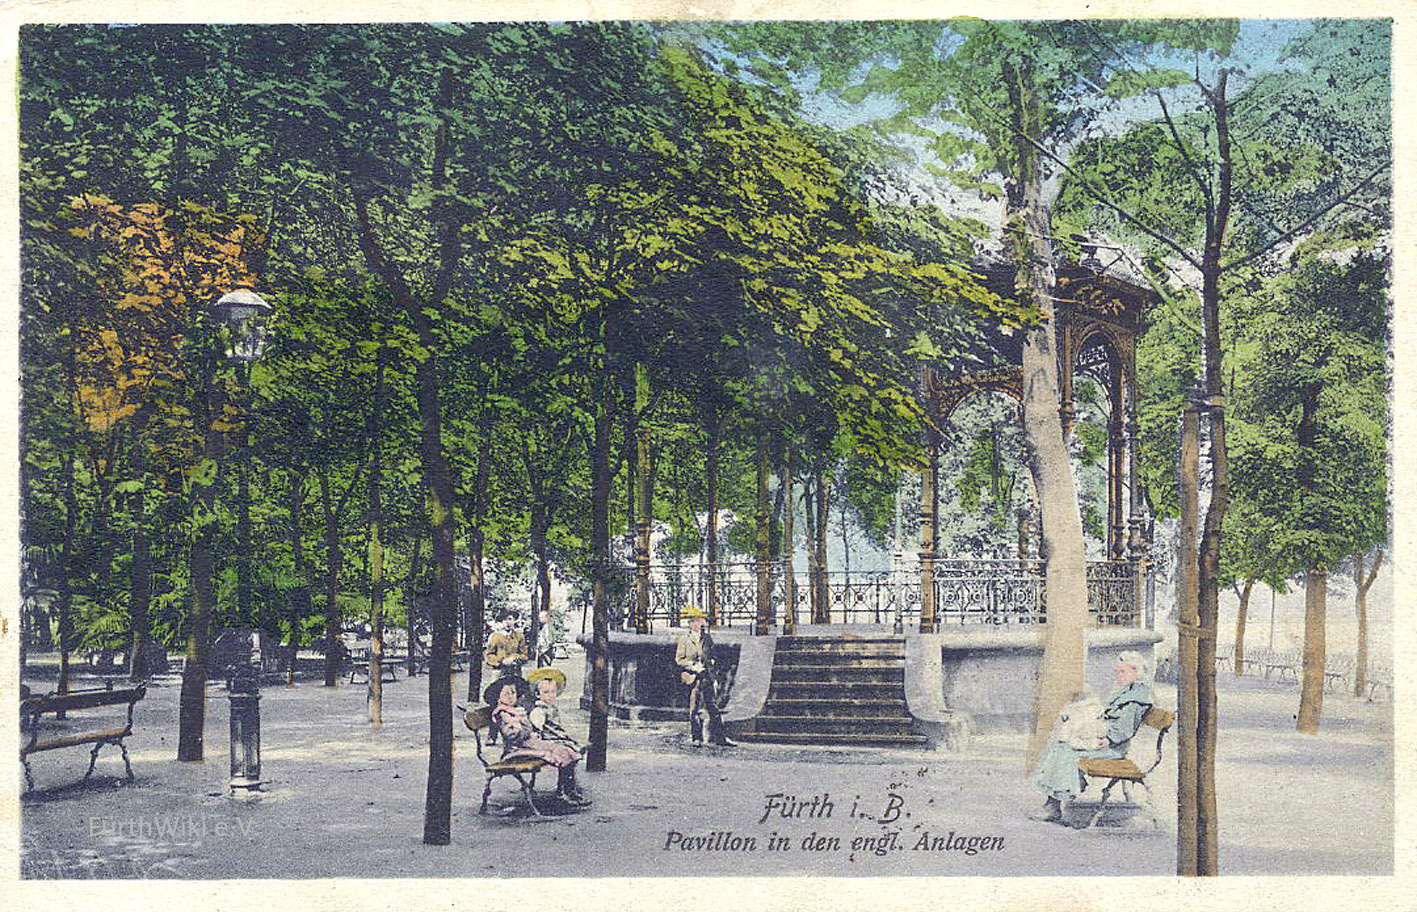 Dateipavillon Englischer Garten 1910jpg Fürthwiki